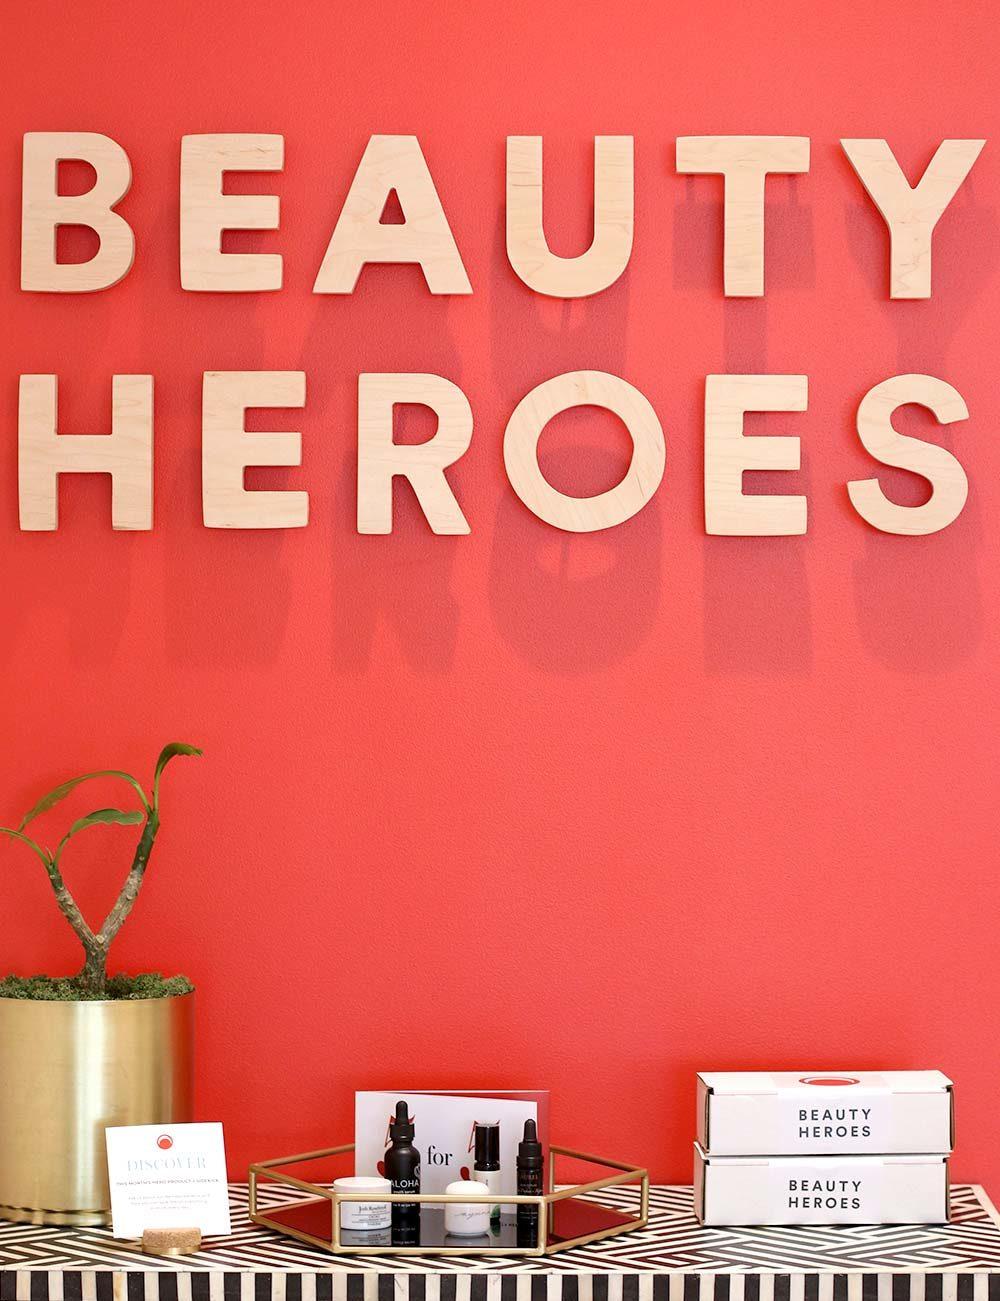 beauty heroes orange wall